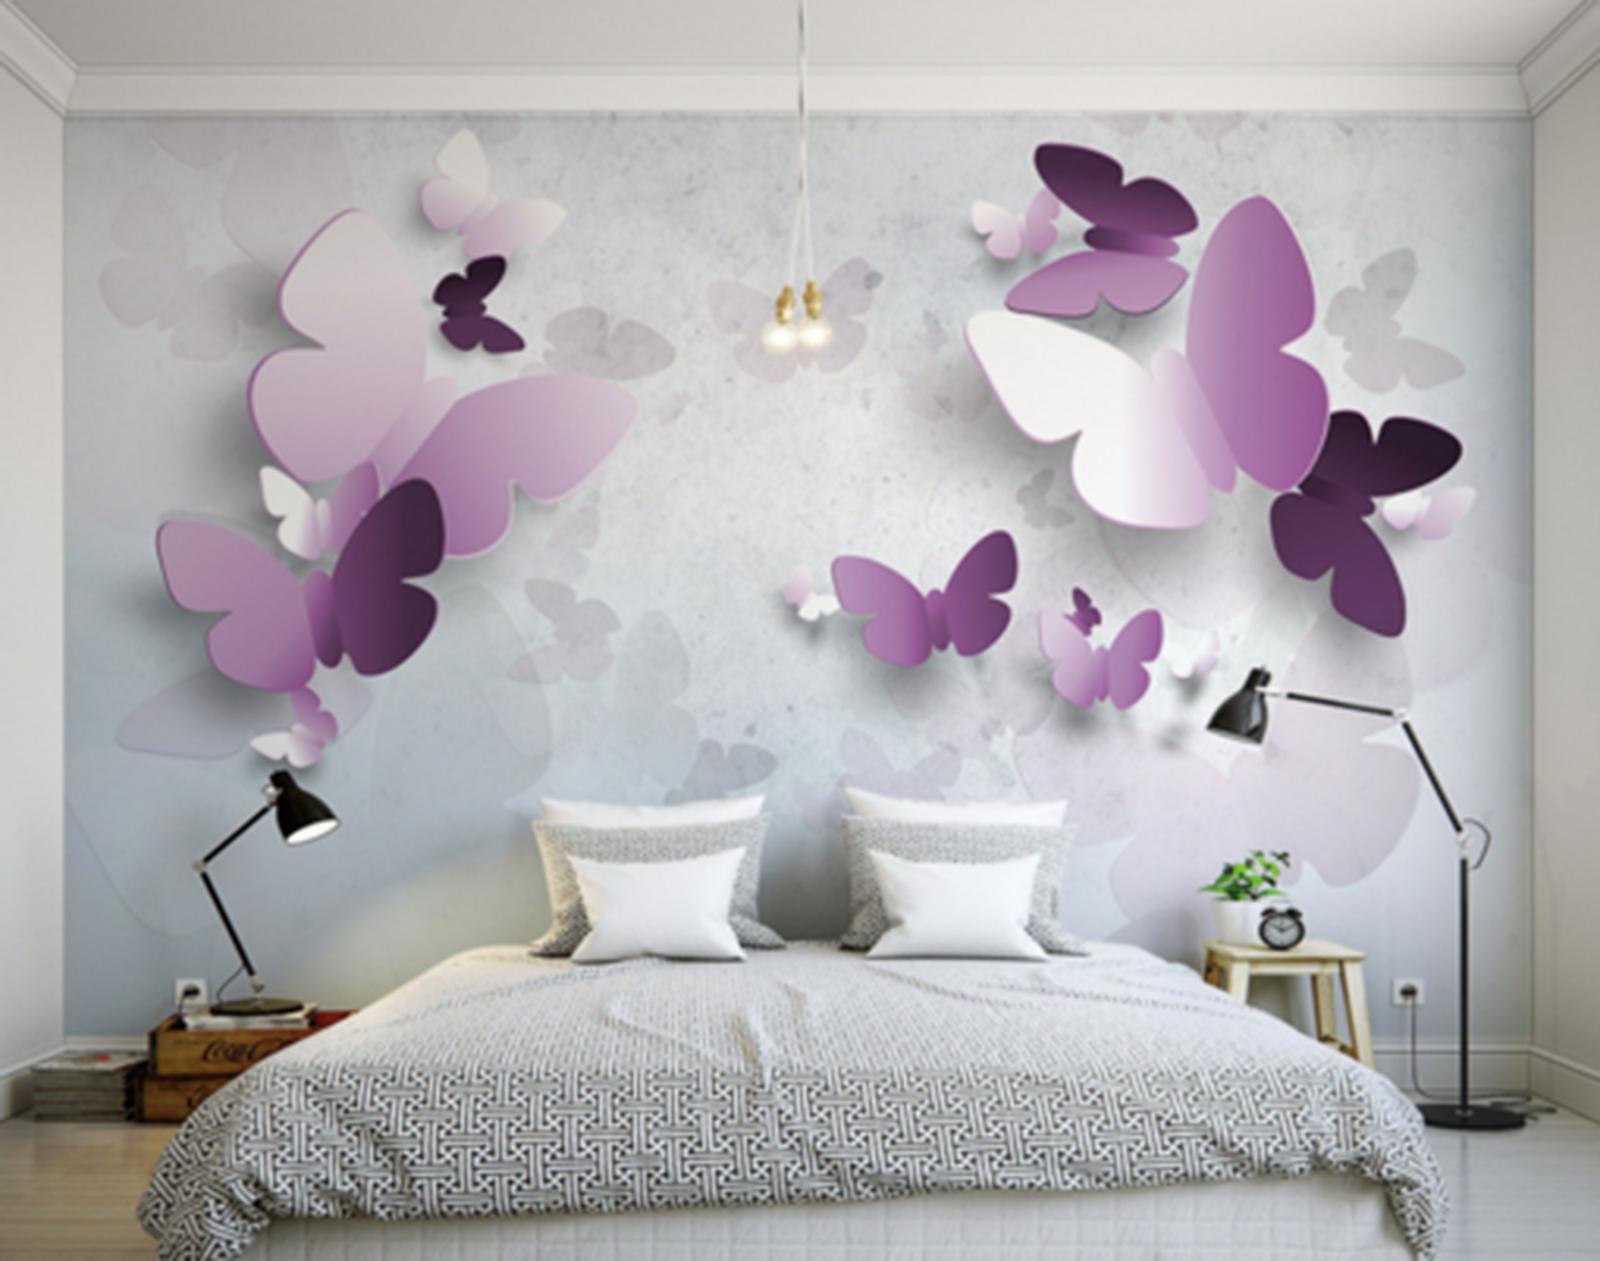 3D Butterfly 6169 Wallpaper Murals Wall Print Wallpaper Mural AJ WALL UK Kyra